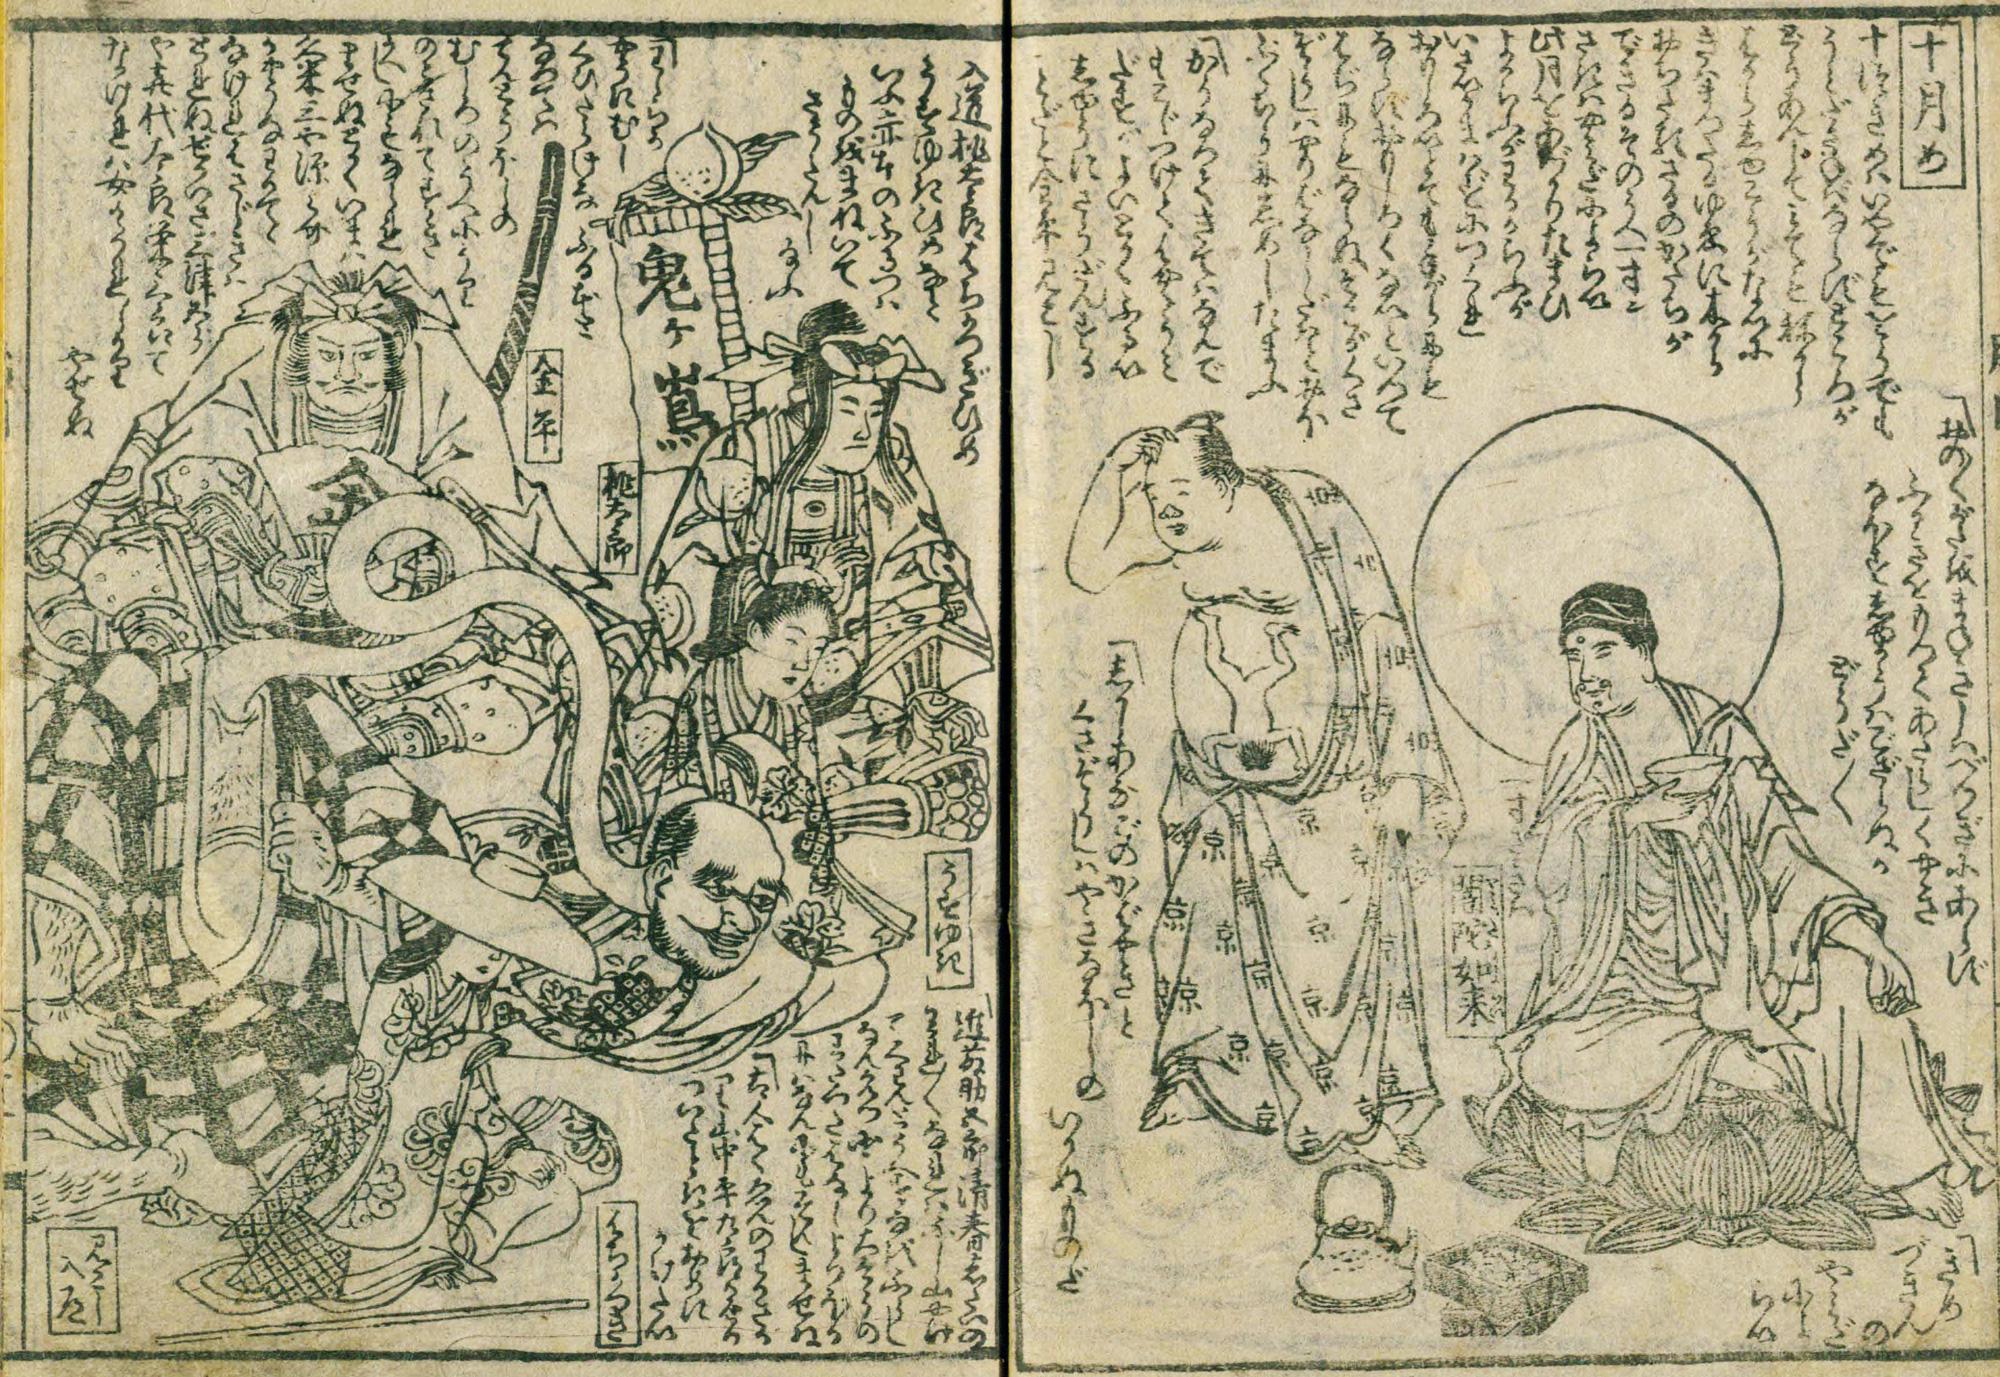 江戸時代の印刷物。活字ユニットは使用されていない。山東京伝『作者胎内十月図』より。